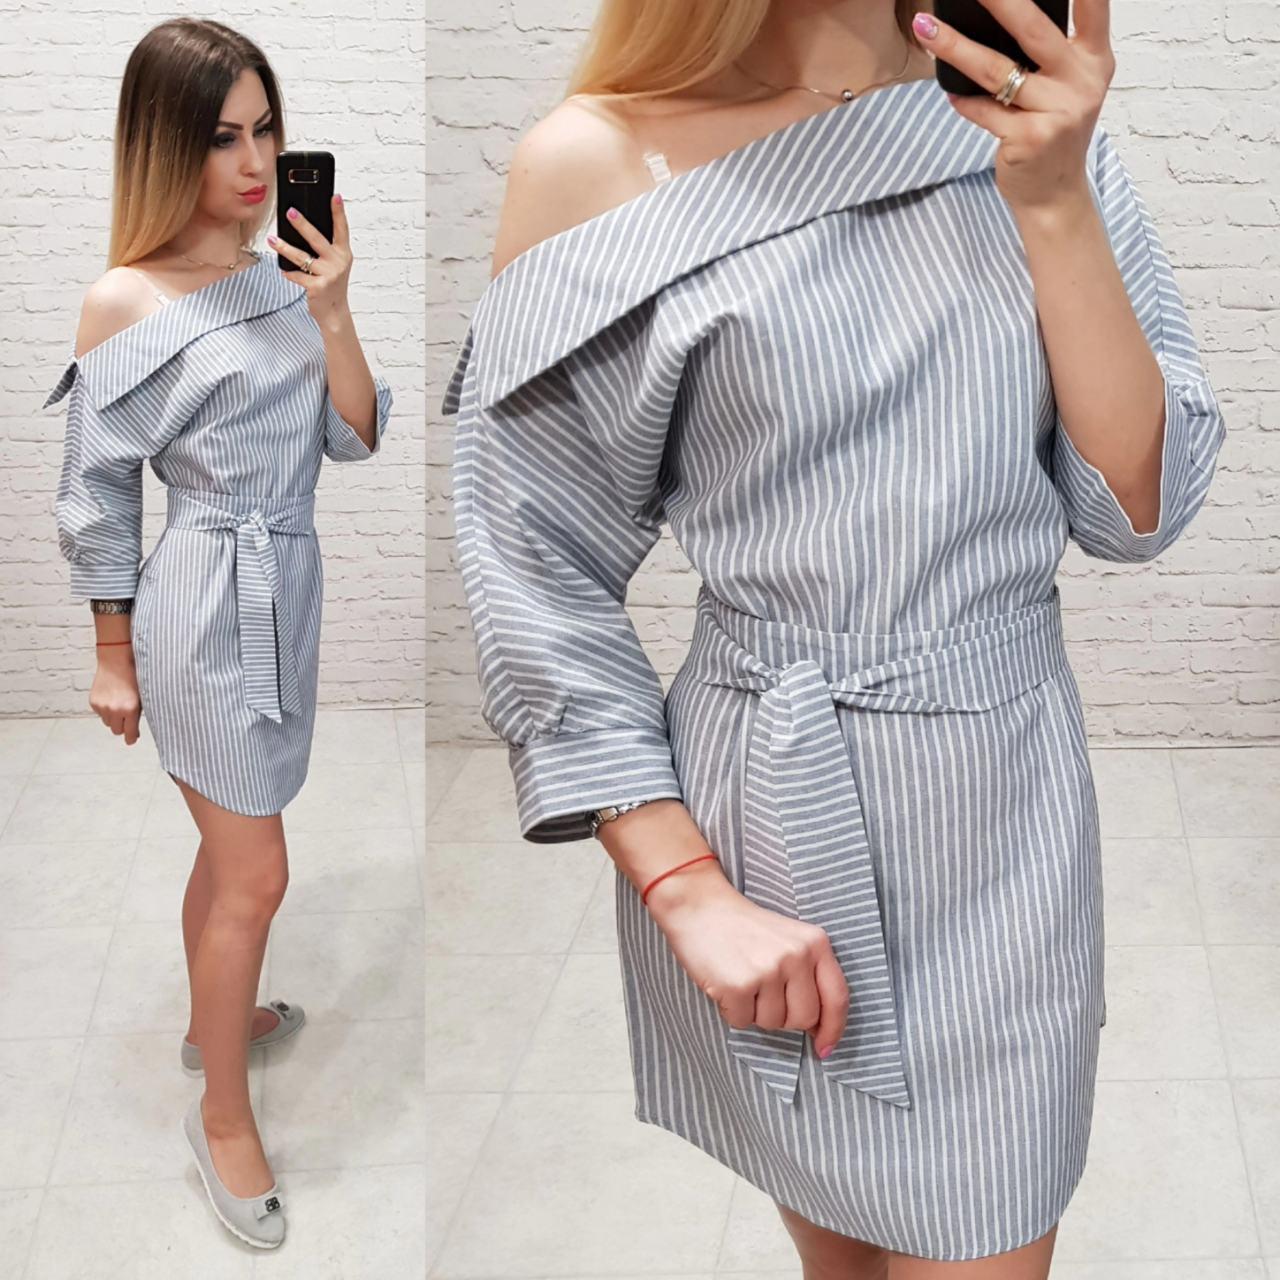 Платье женское, лён, модель 161,  светло серая полоска